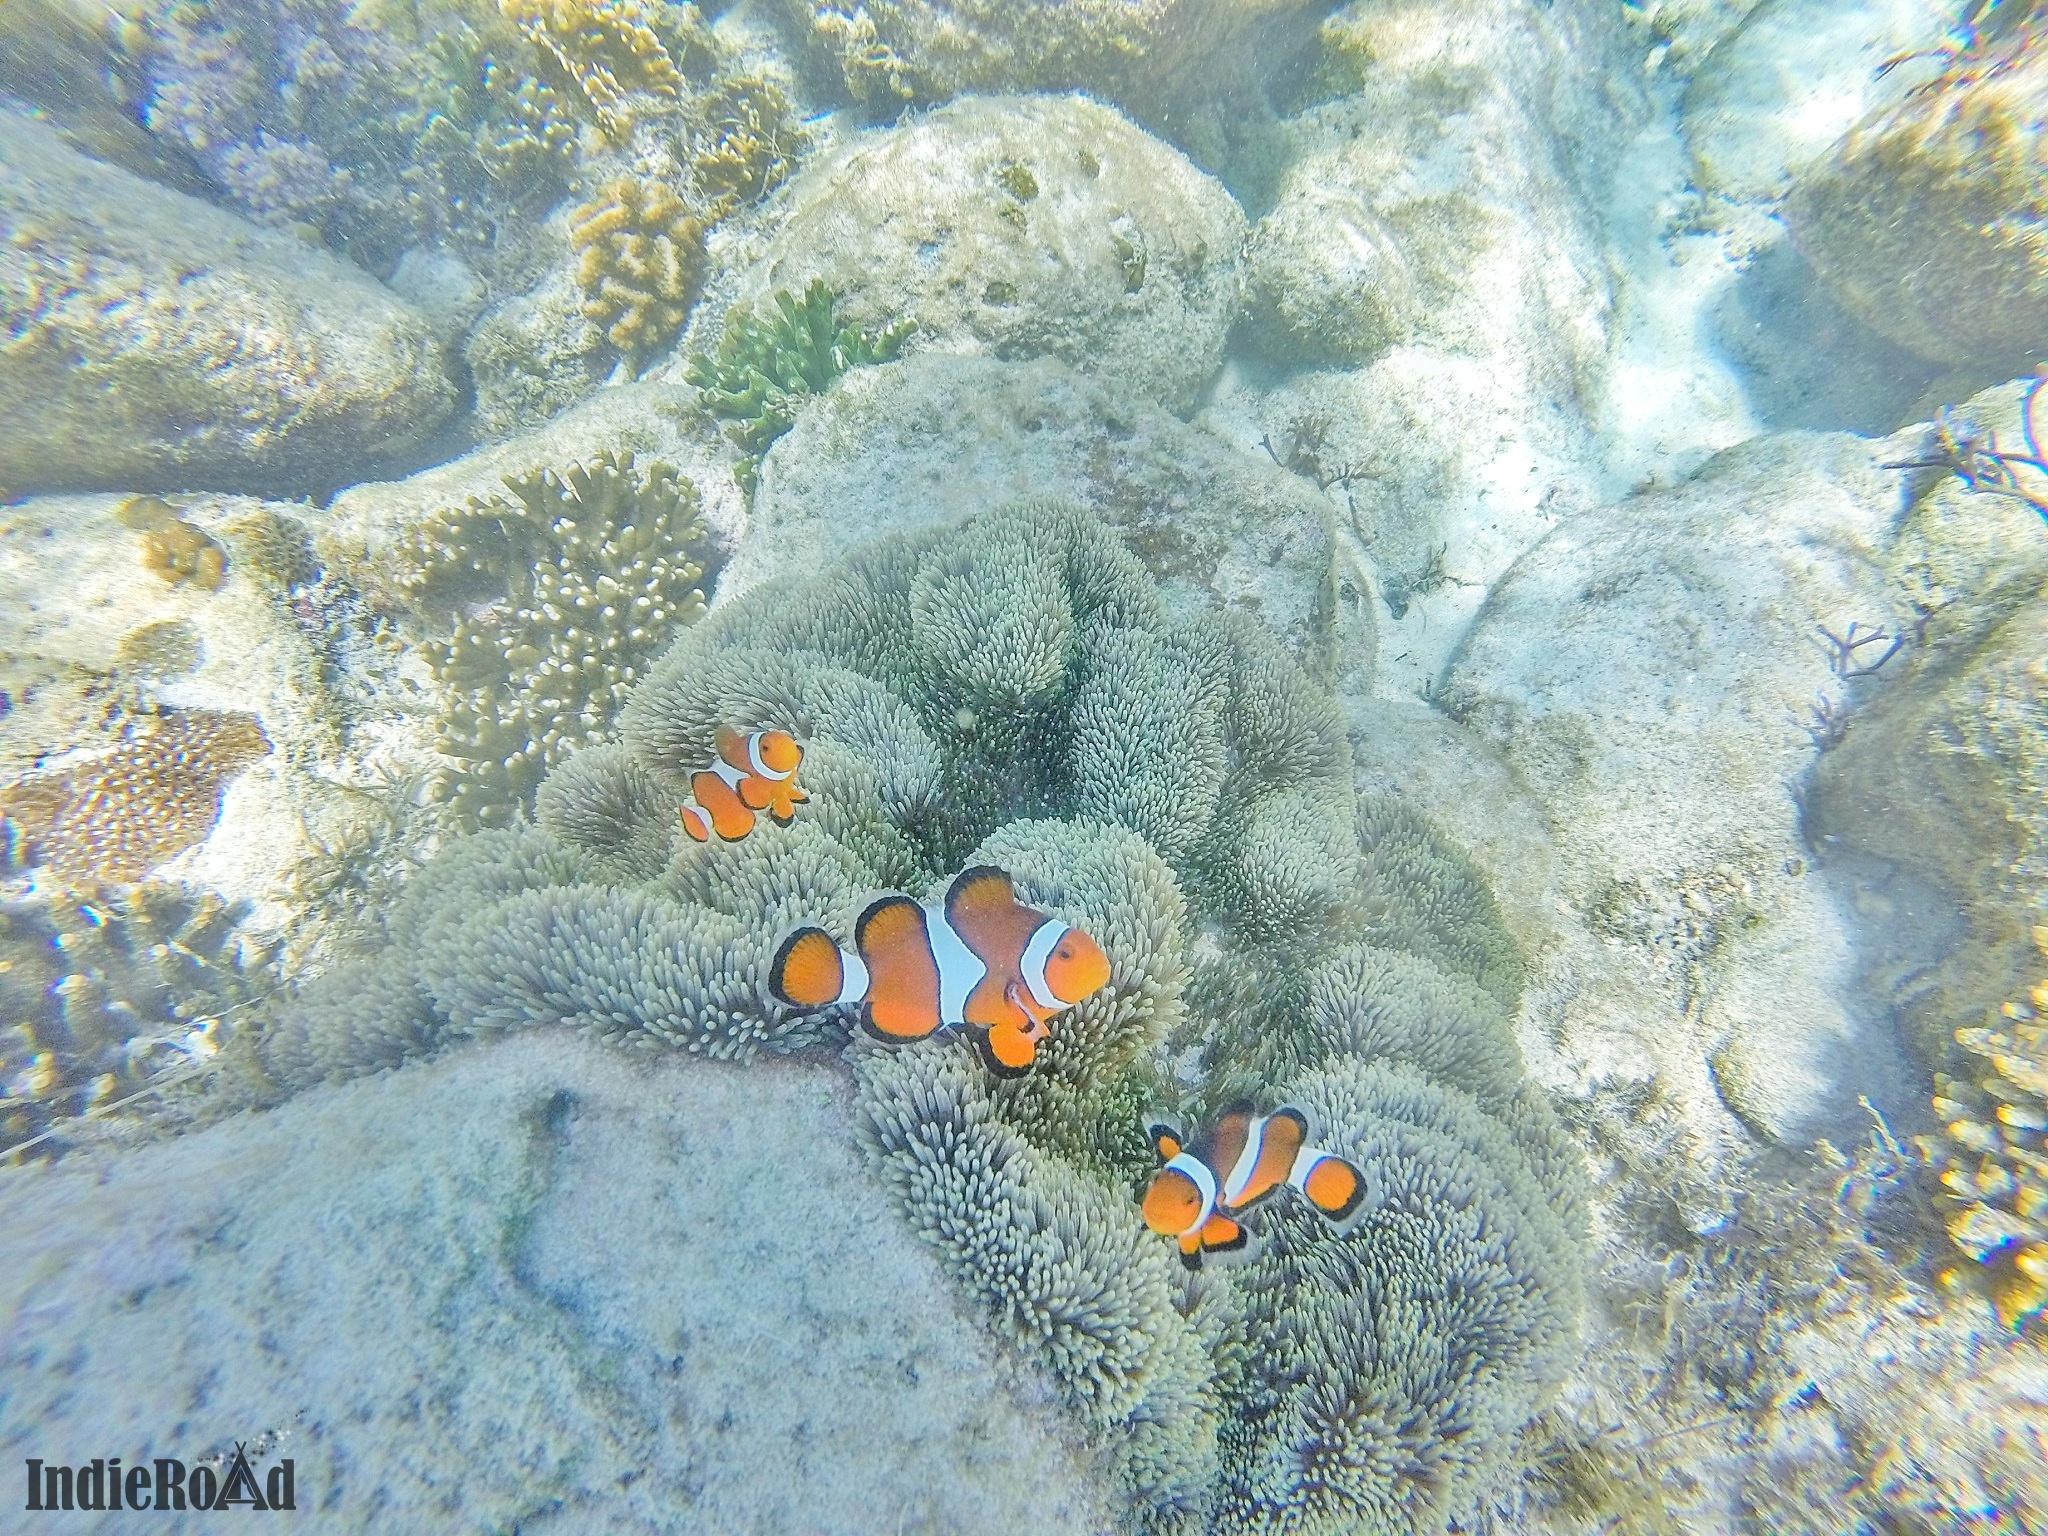 apo island filippine snorkeling tartarughe cosa vedere dove dormire (8)